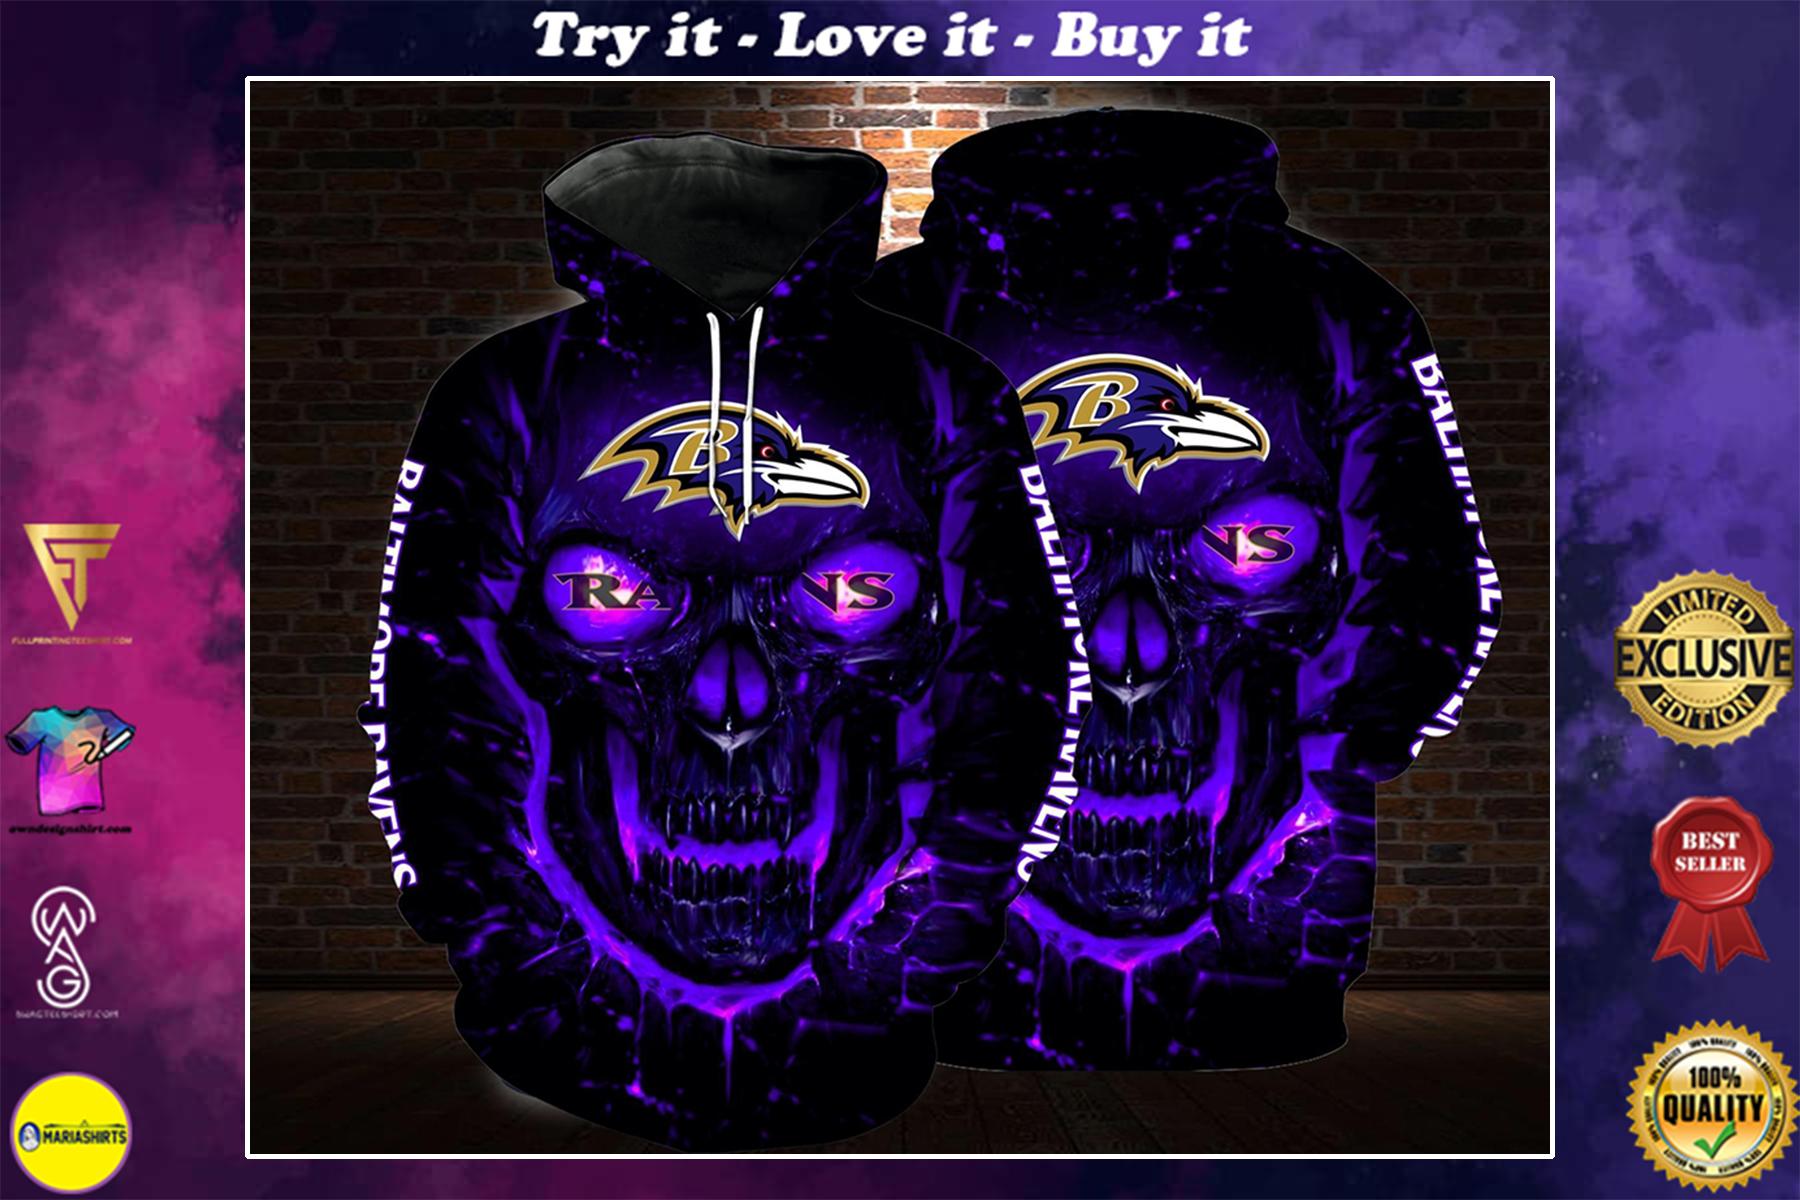 lava skull baltimore ravens football team full over printed shirt